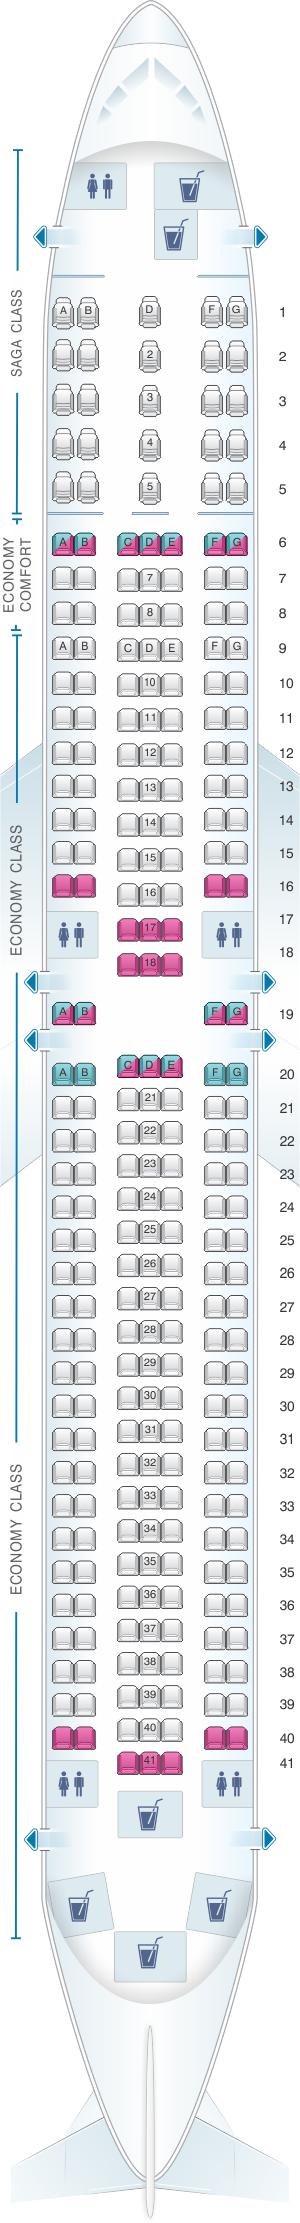 Seat map for Icelandair Boeing B767 300ER